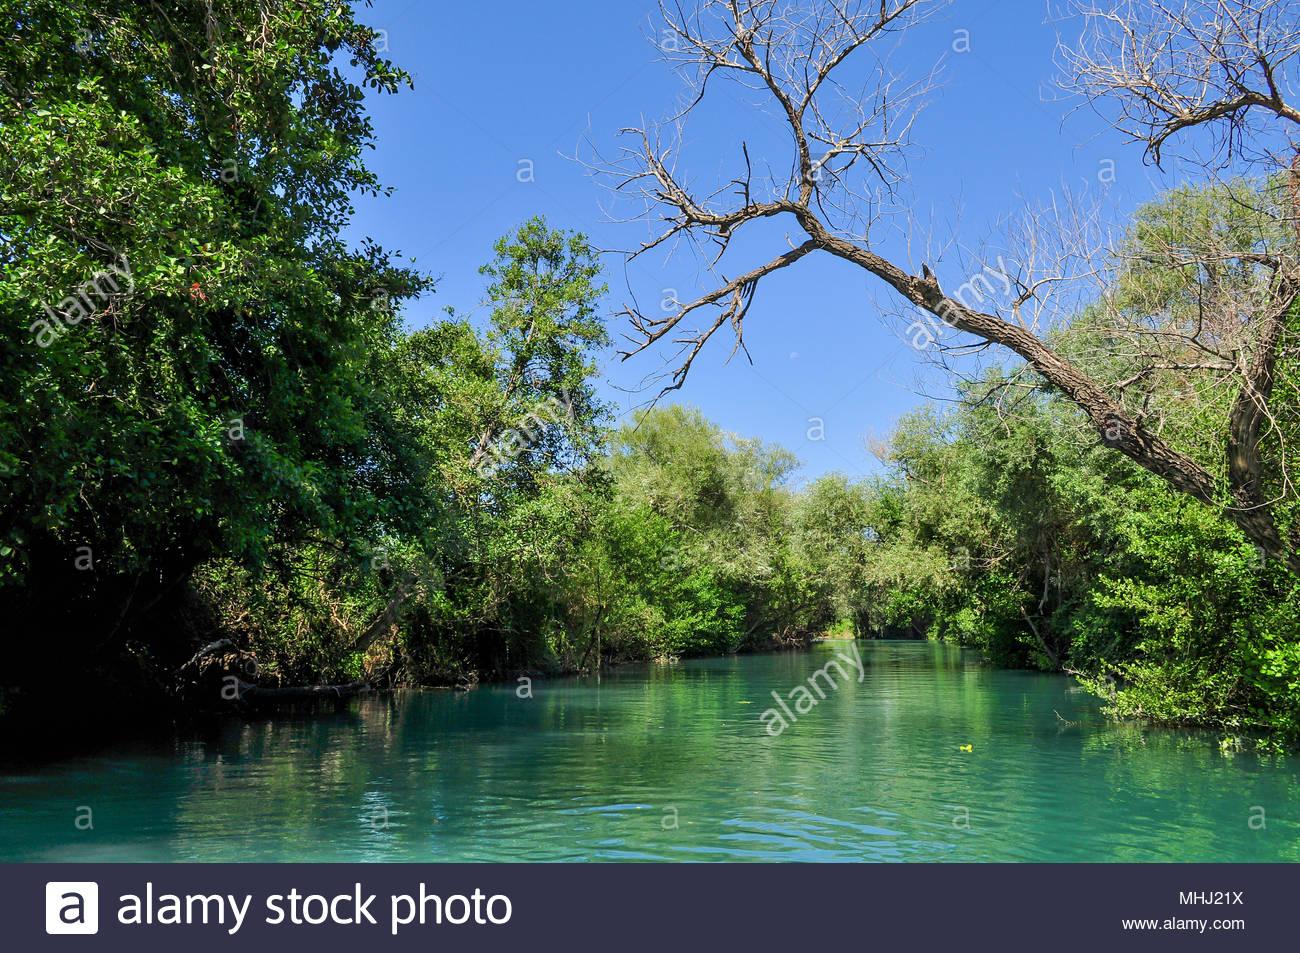 Bildresultat för acheron river swamp